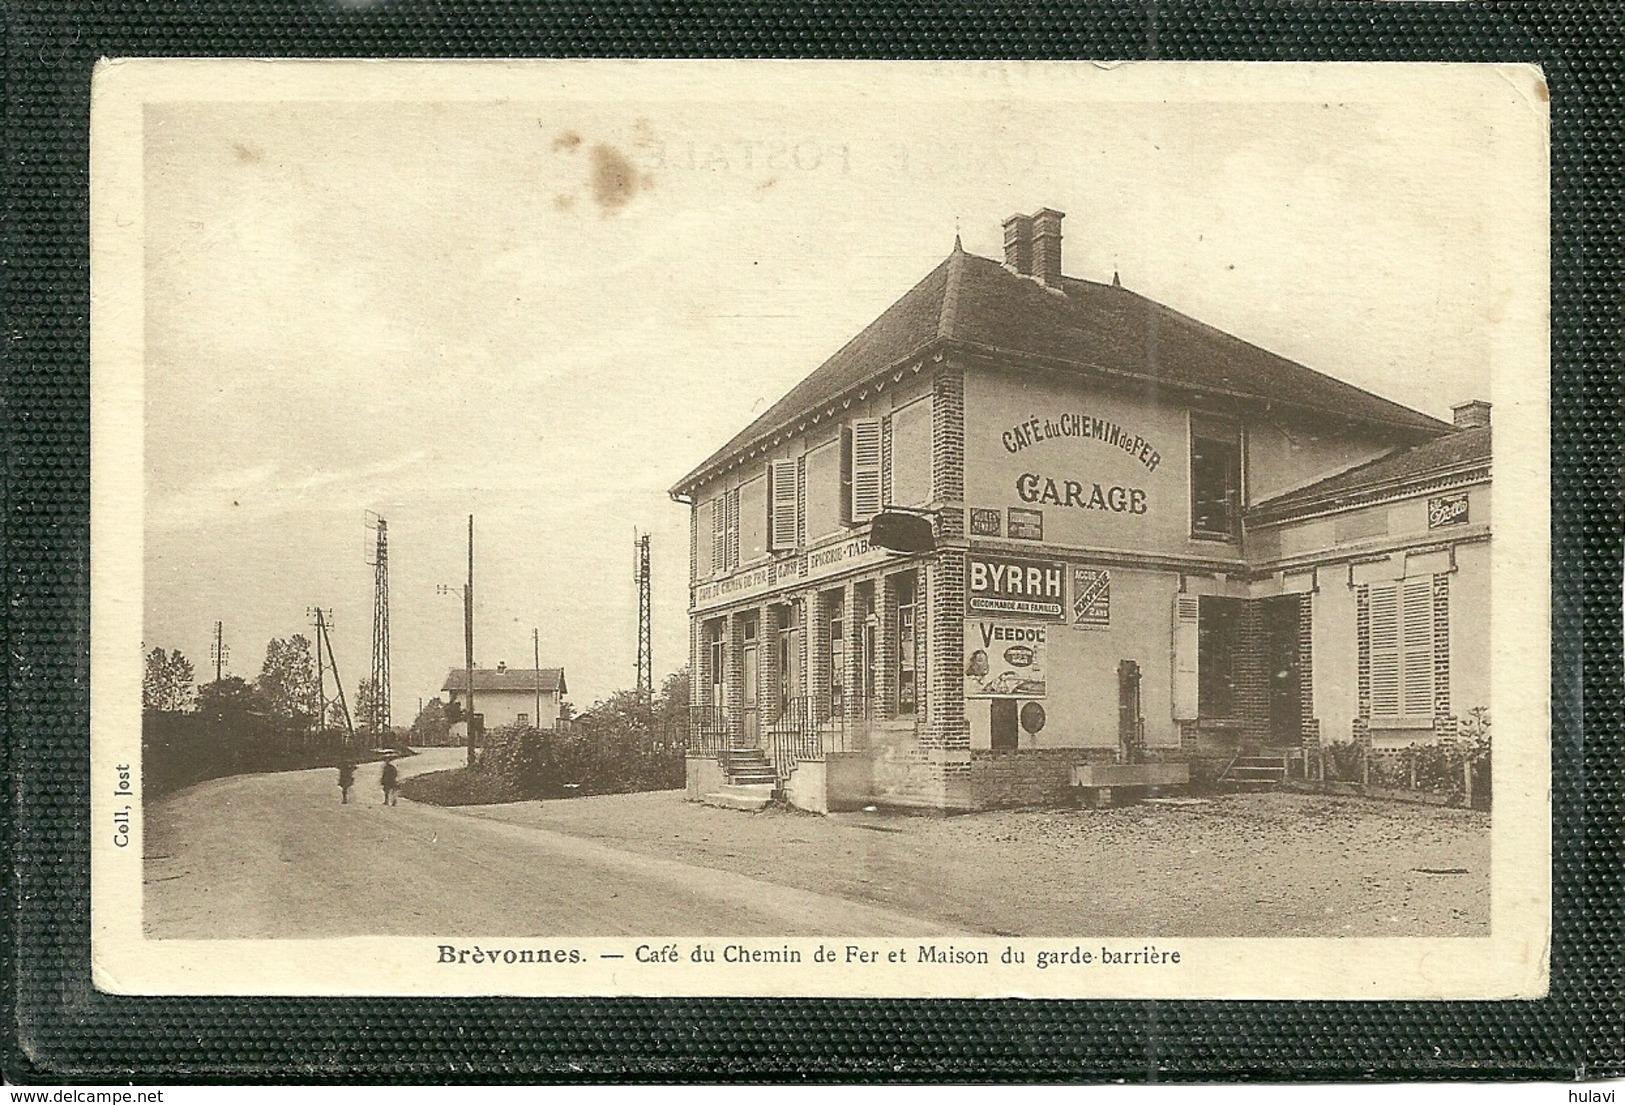 10  BREVONNES - CAFE DU CHEMIN DE FER ET MAISON DU GARDE BARRIERE (ref 7731) - France